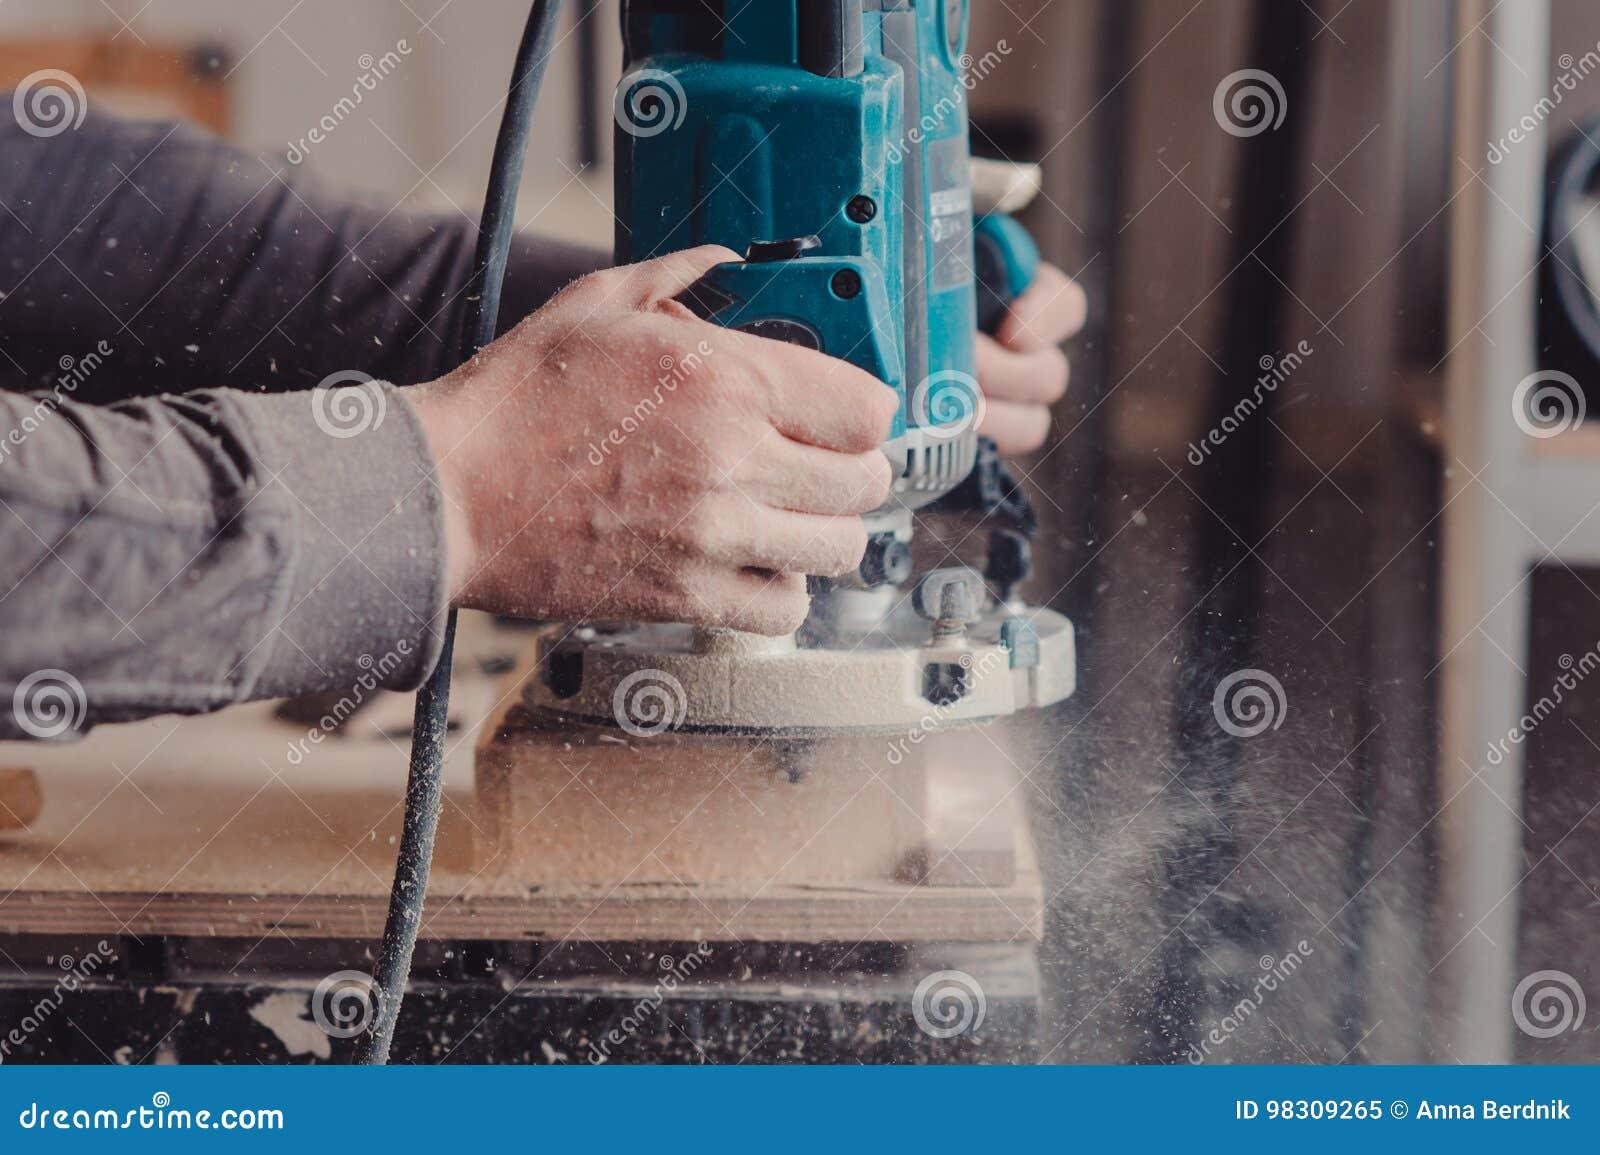 Verarbeitung eines Möbelteils durch eine Maschine für das Polieren eines Baums